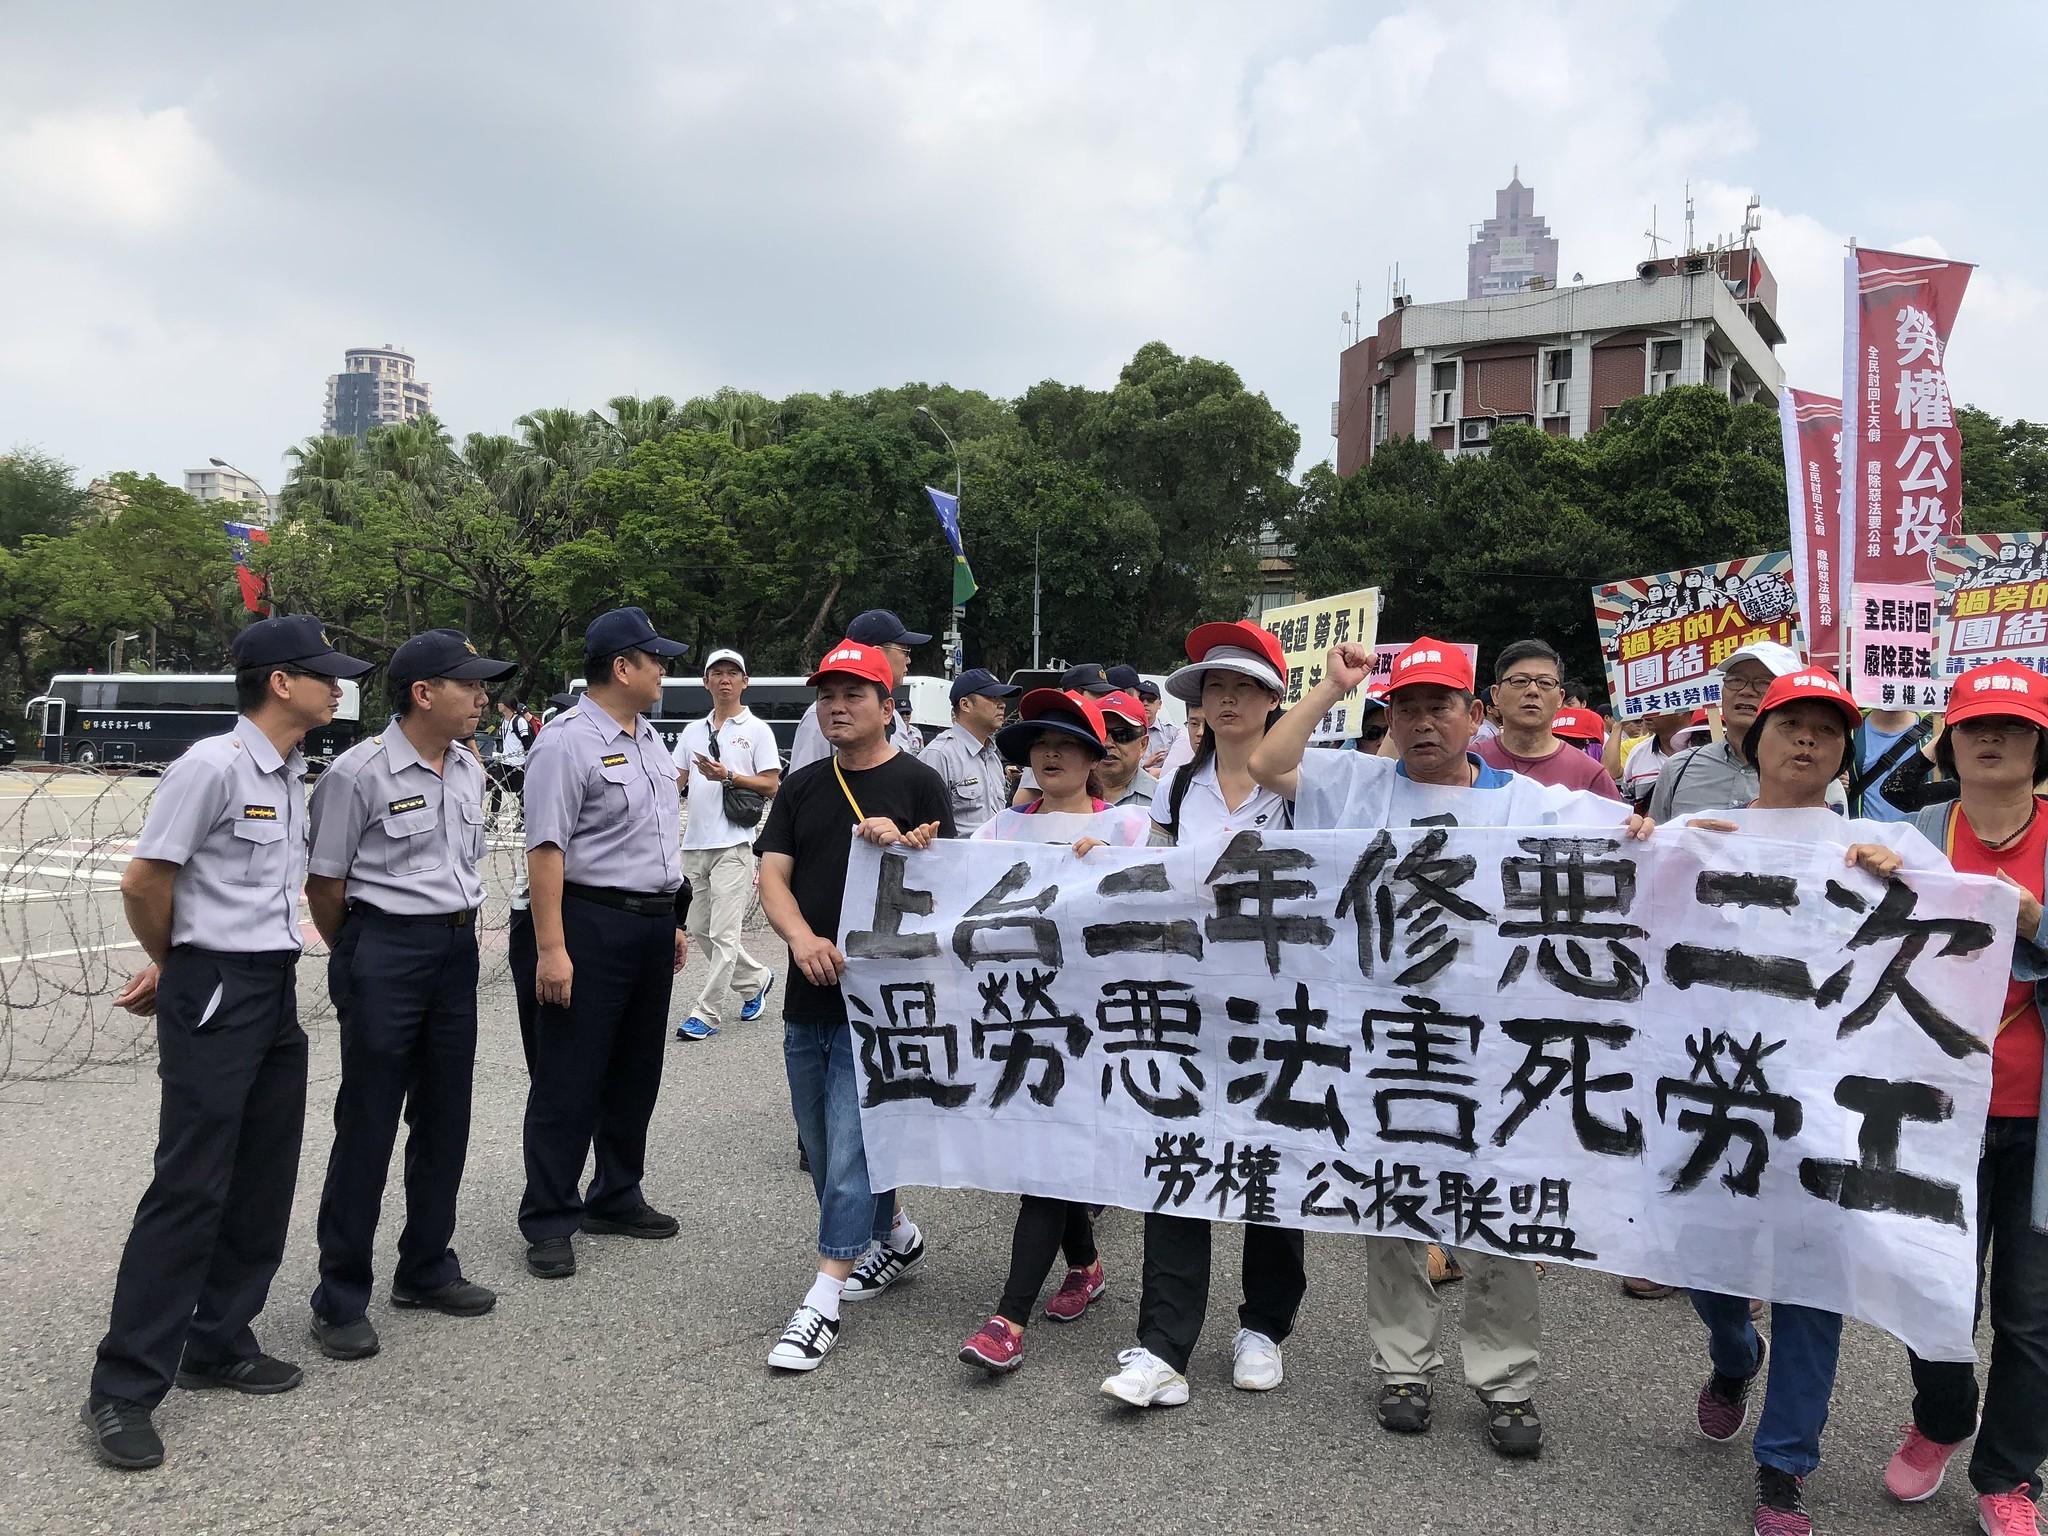 劳权公投盟批评《劳基法》修法害死劳工,力拼年底突破30万公投成案门槛。(摄影:王颢中)